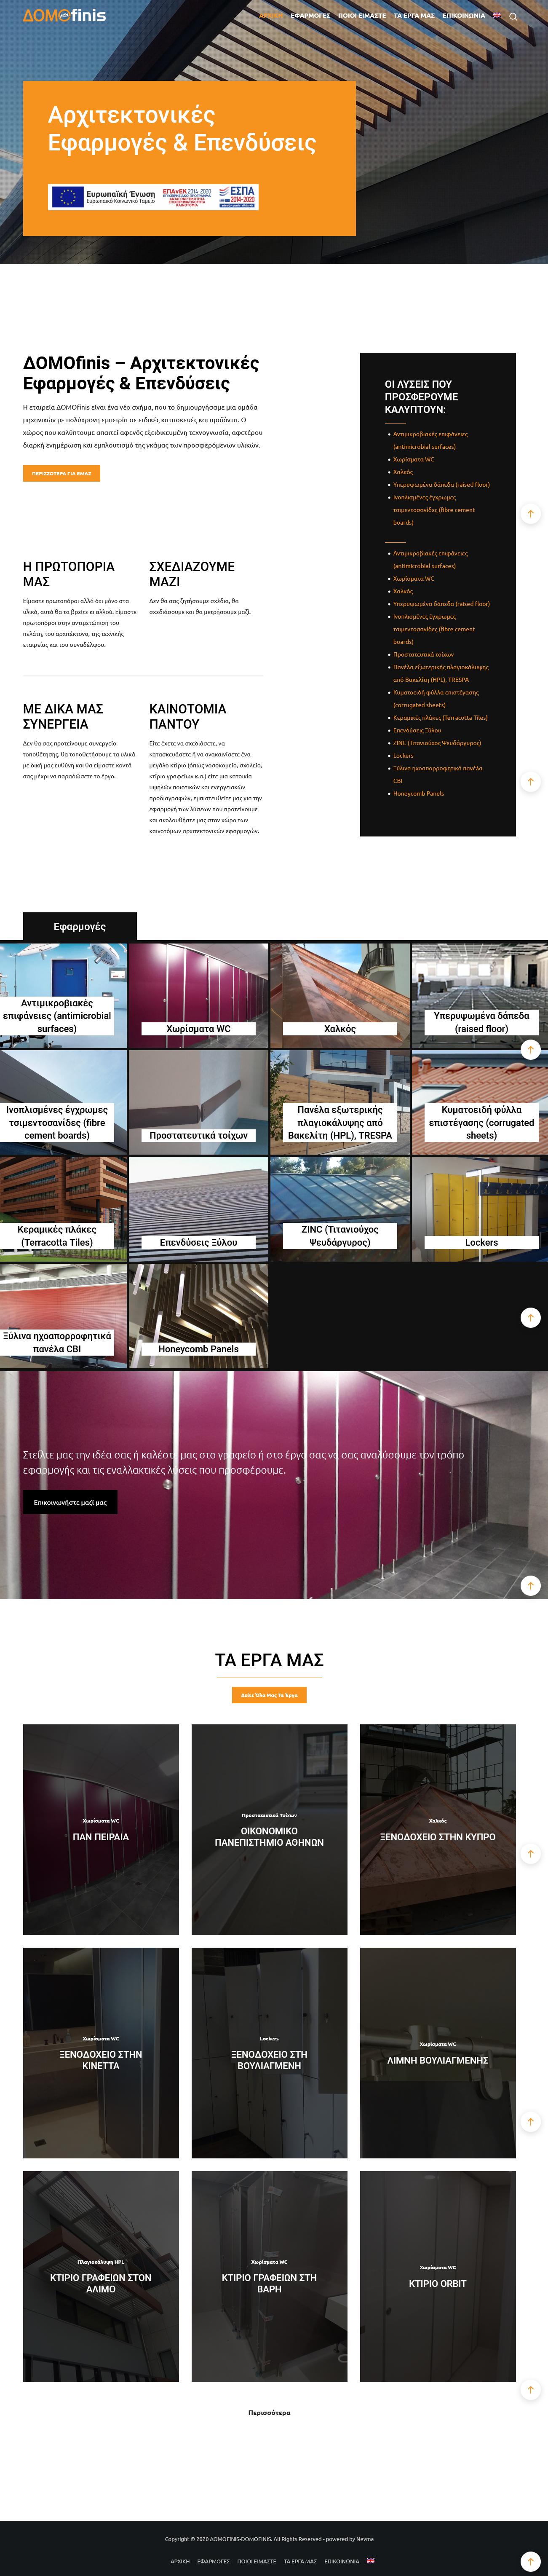 domo-website-1.png